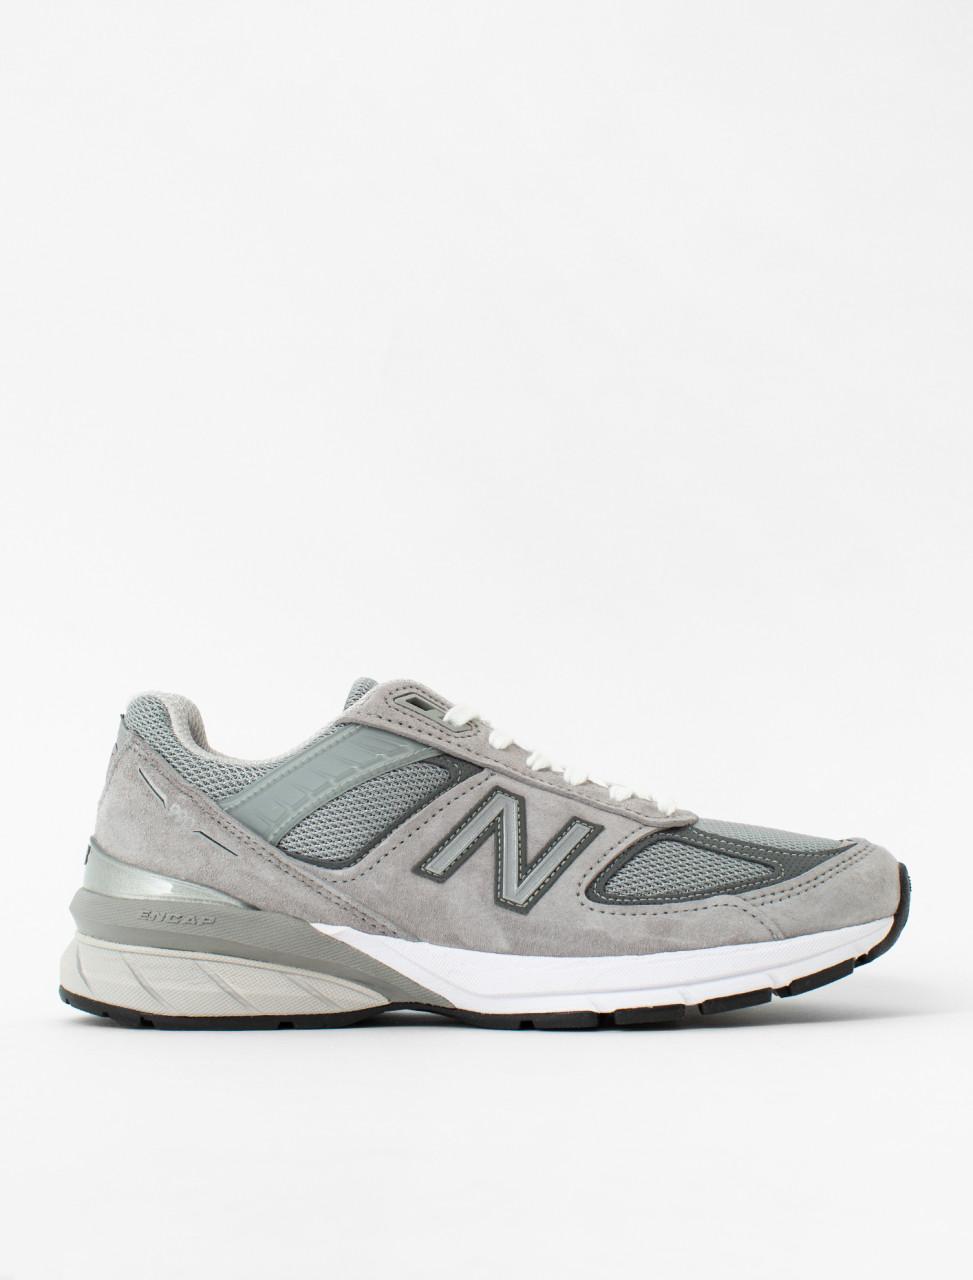 W990 Sneaker